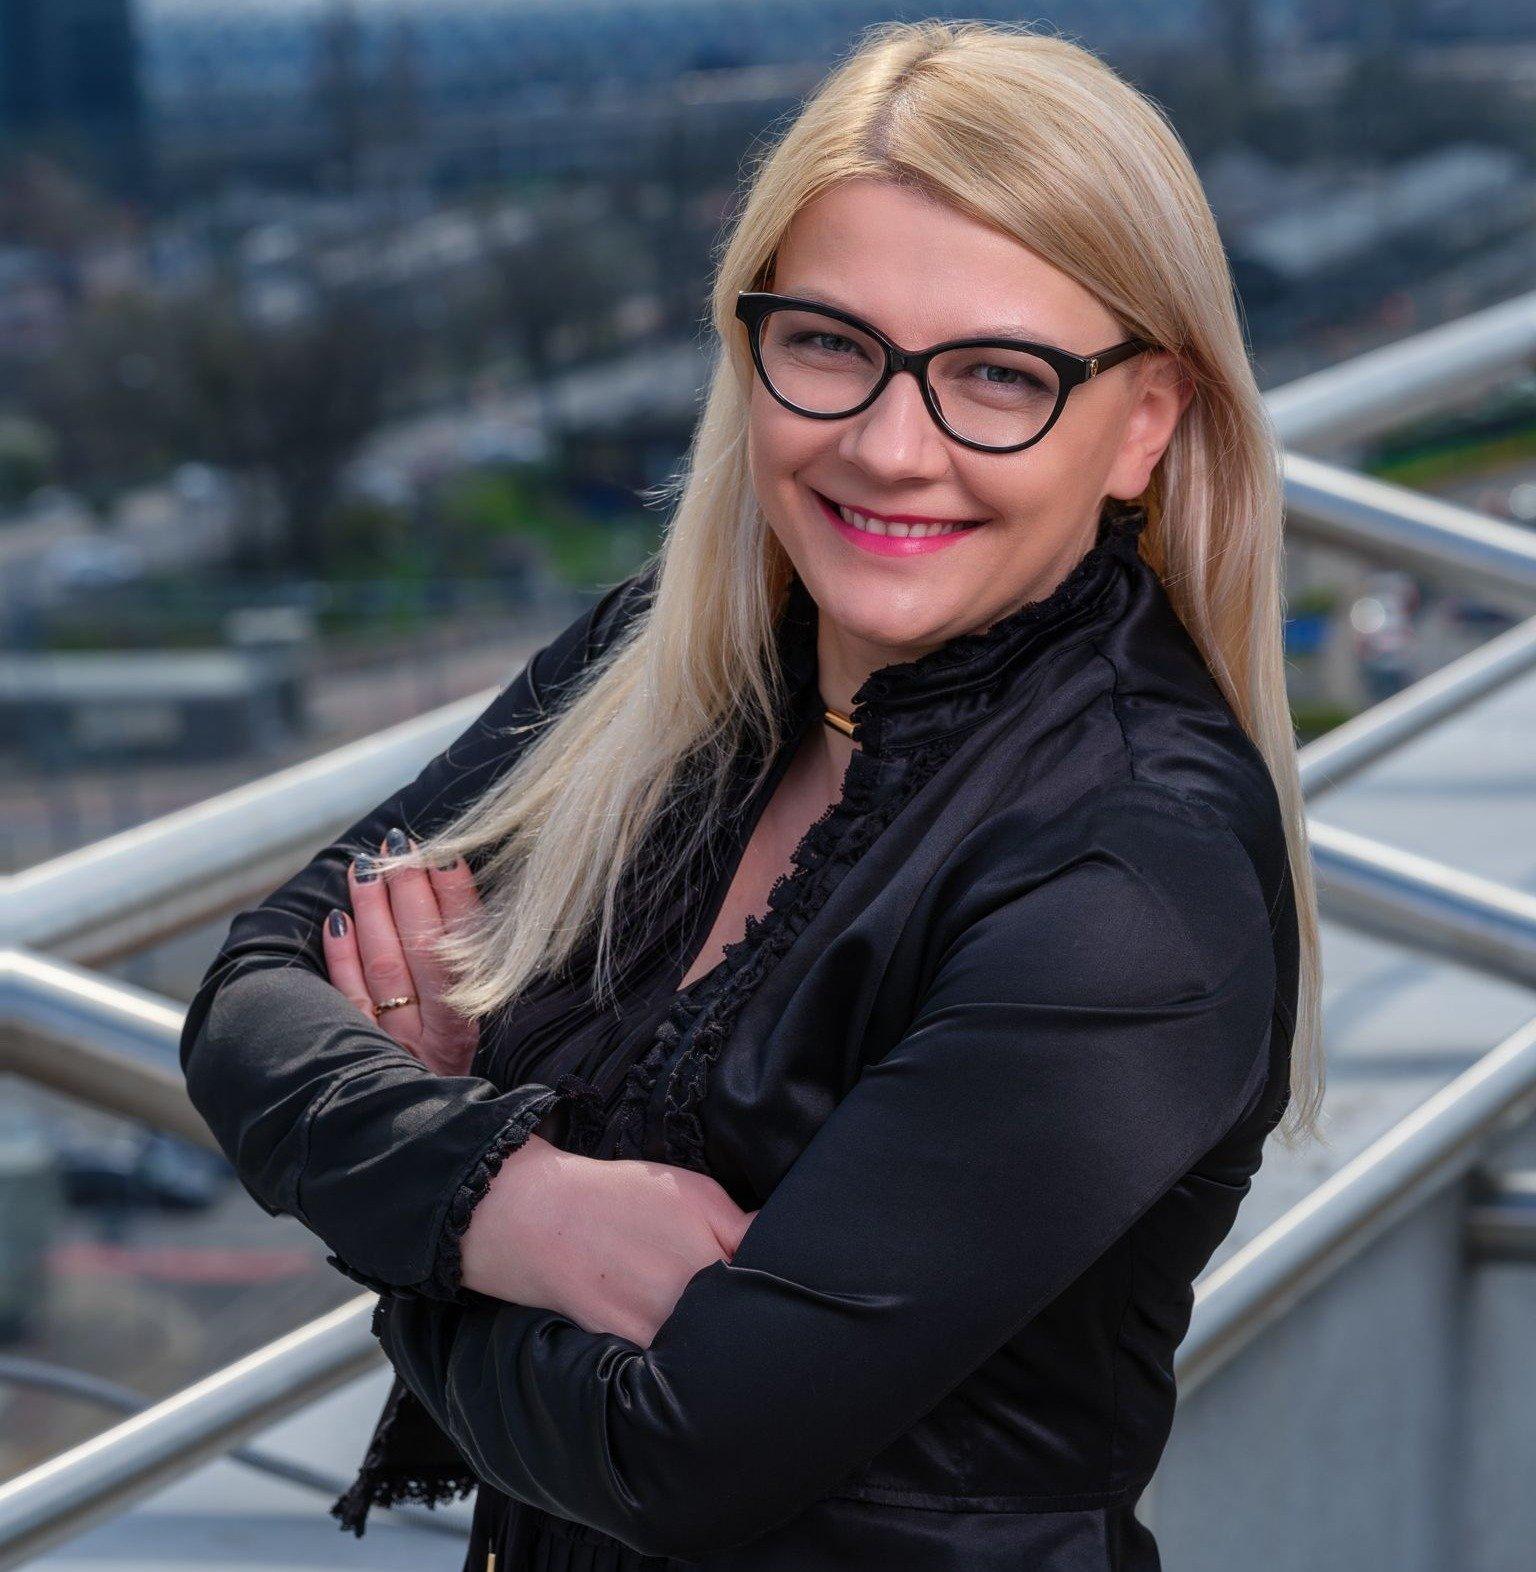 Rozalia Ignerska